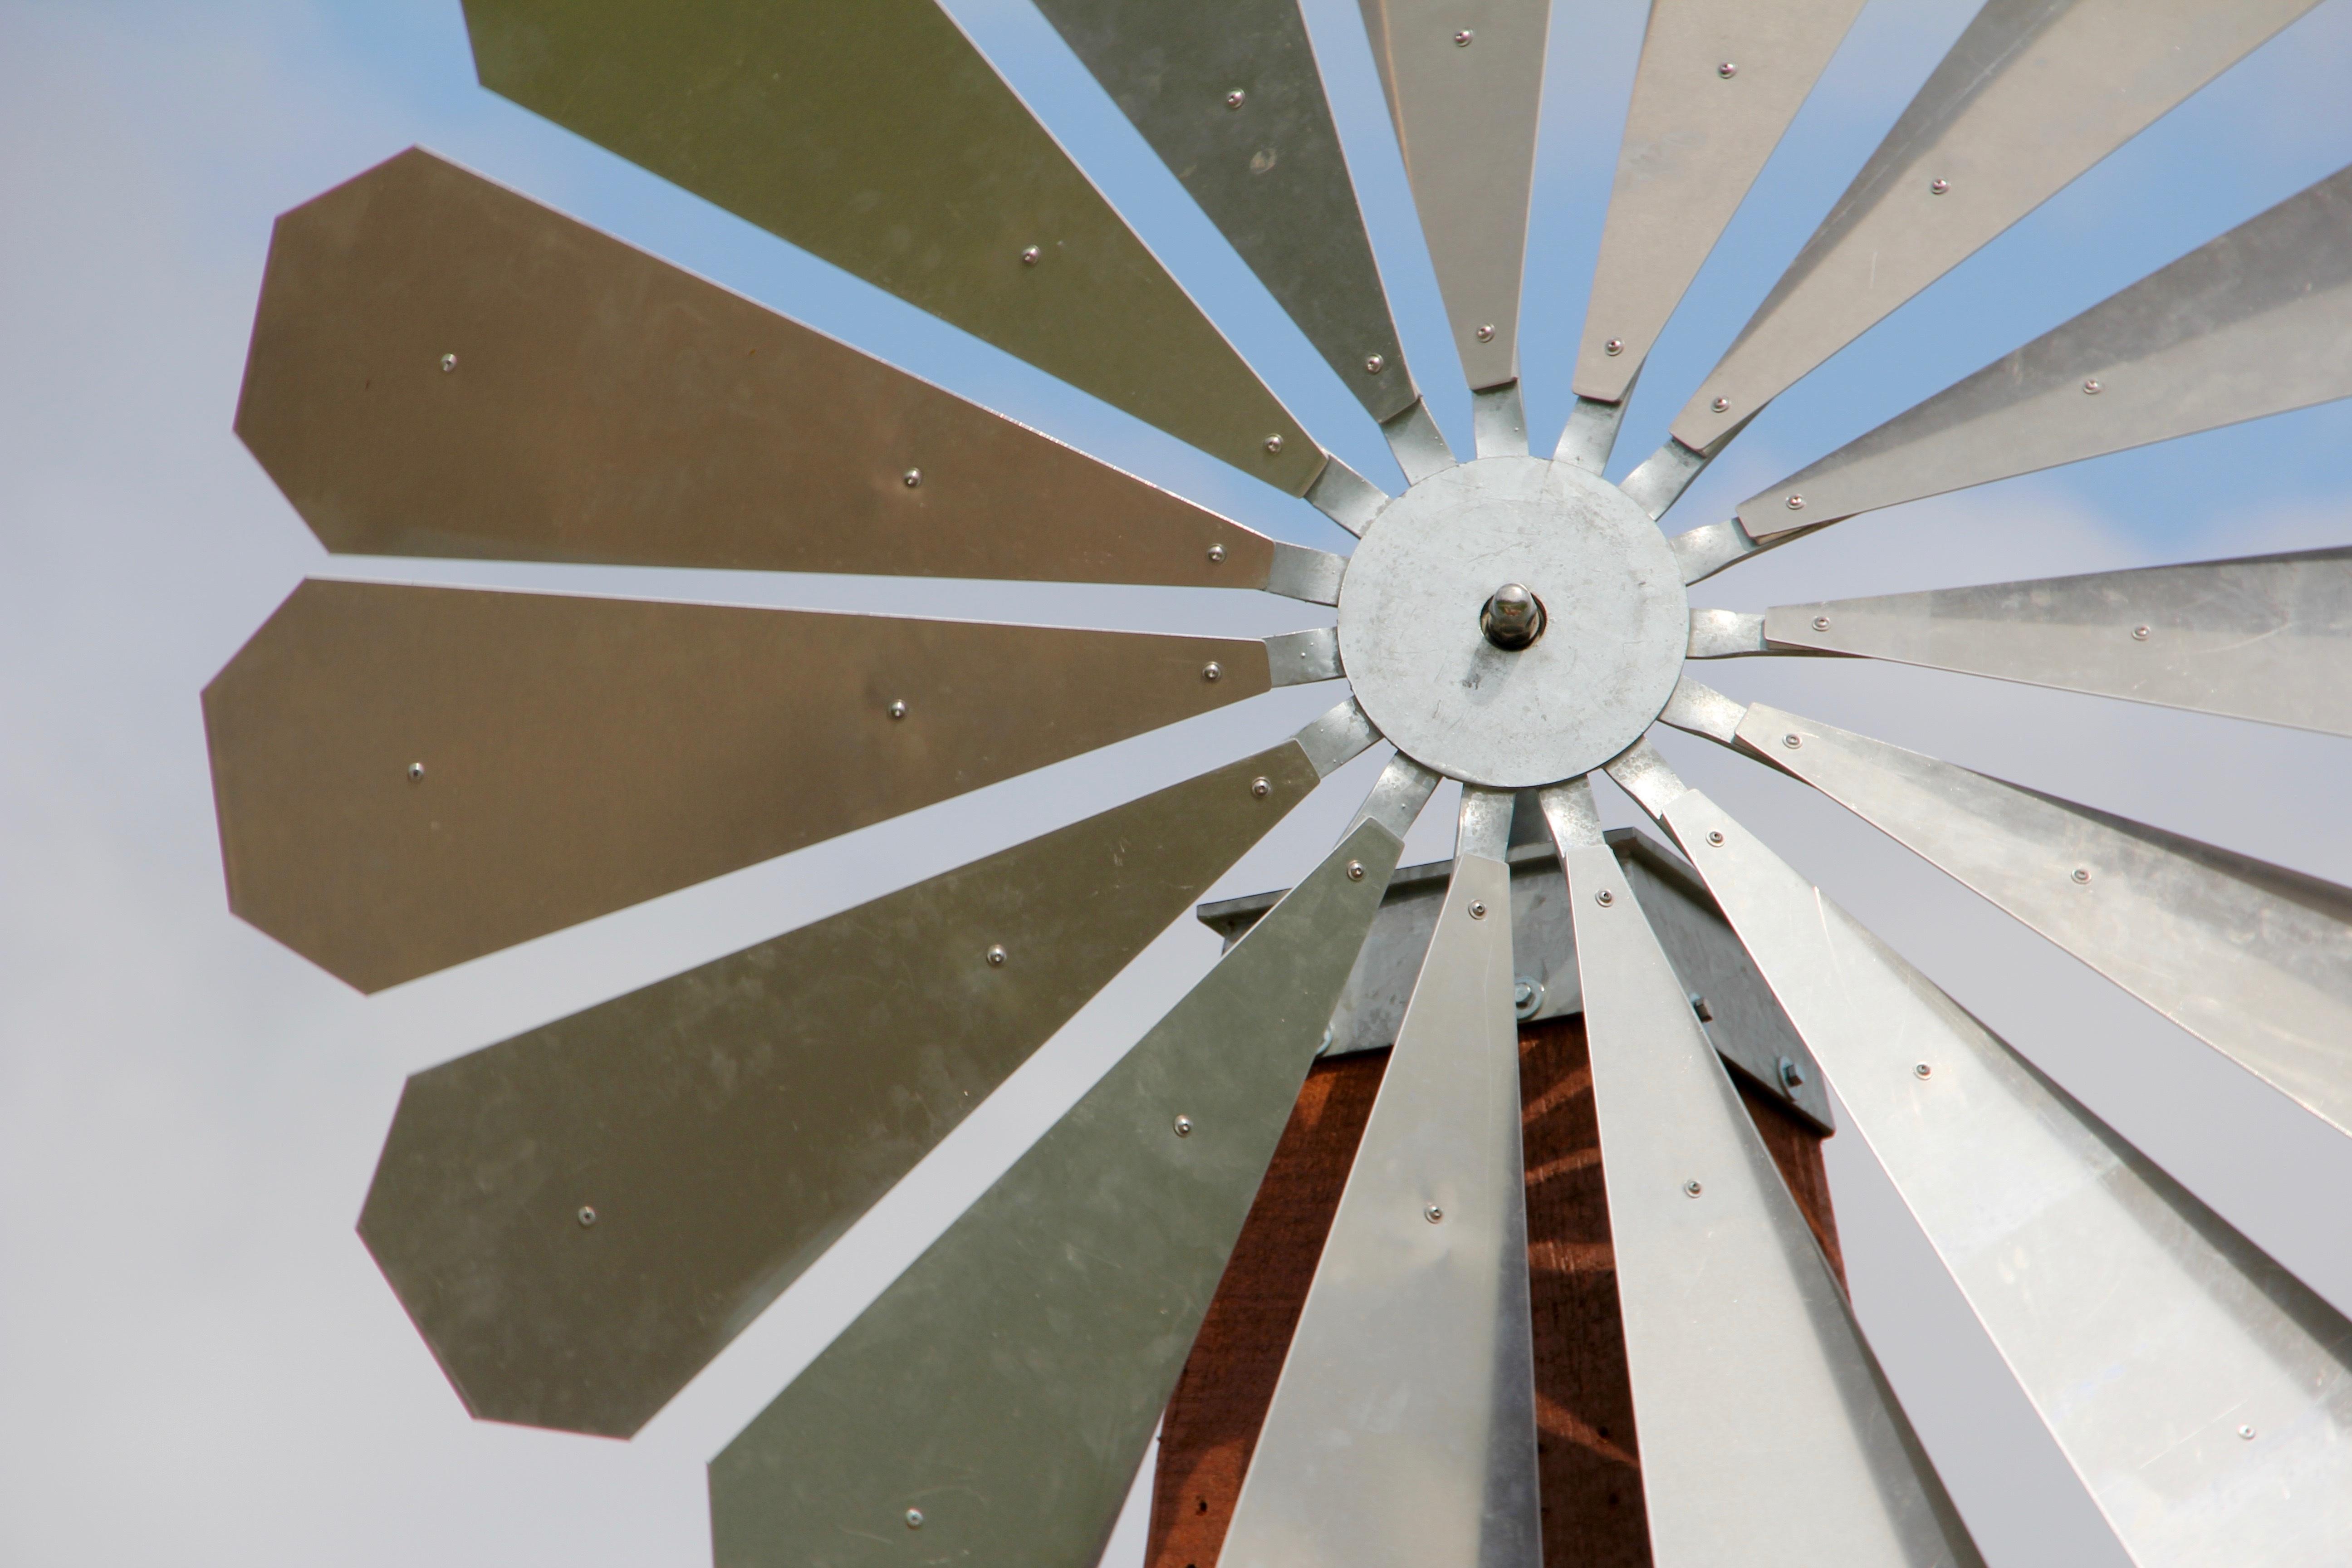 Immagini belle ala ruota vento soffitto ombrello metallo